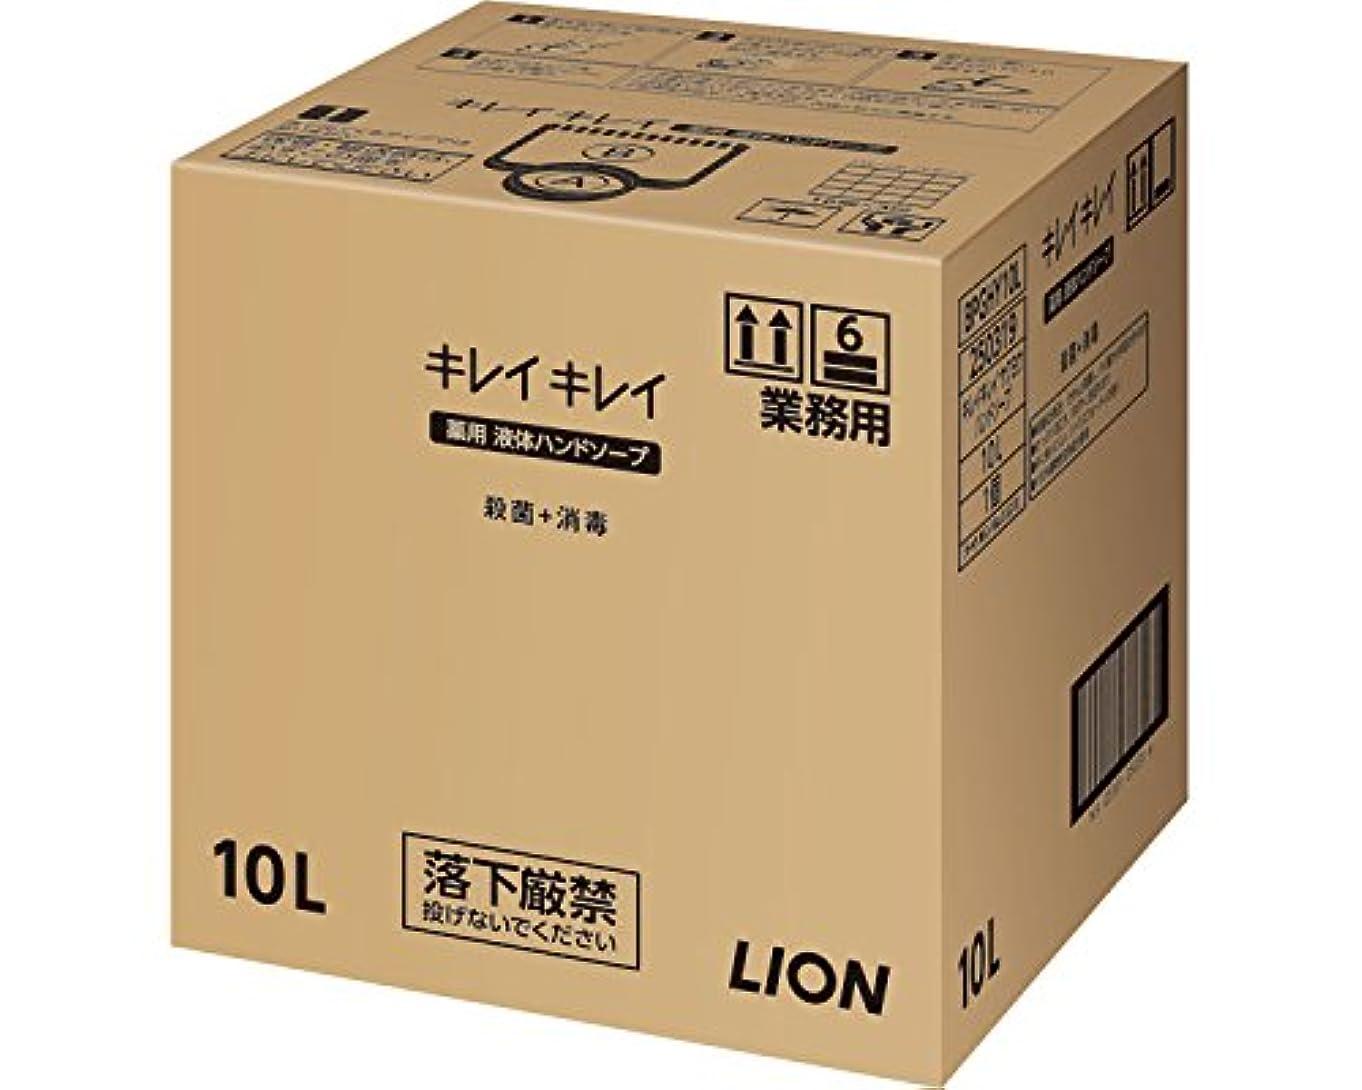 ベックス肥沃な勧めるキレイキレイ薬用ハンドソープ 10L (ライオンハイジーン) (清拭小物)